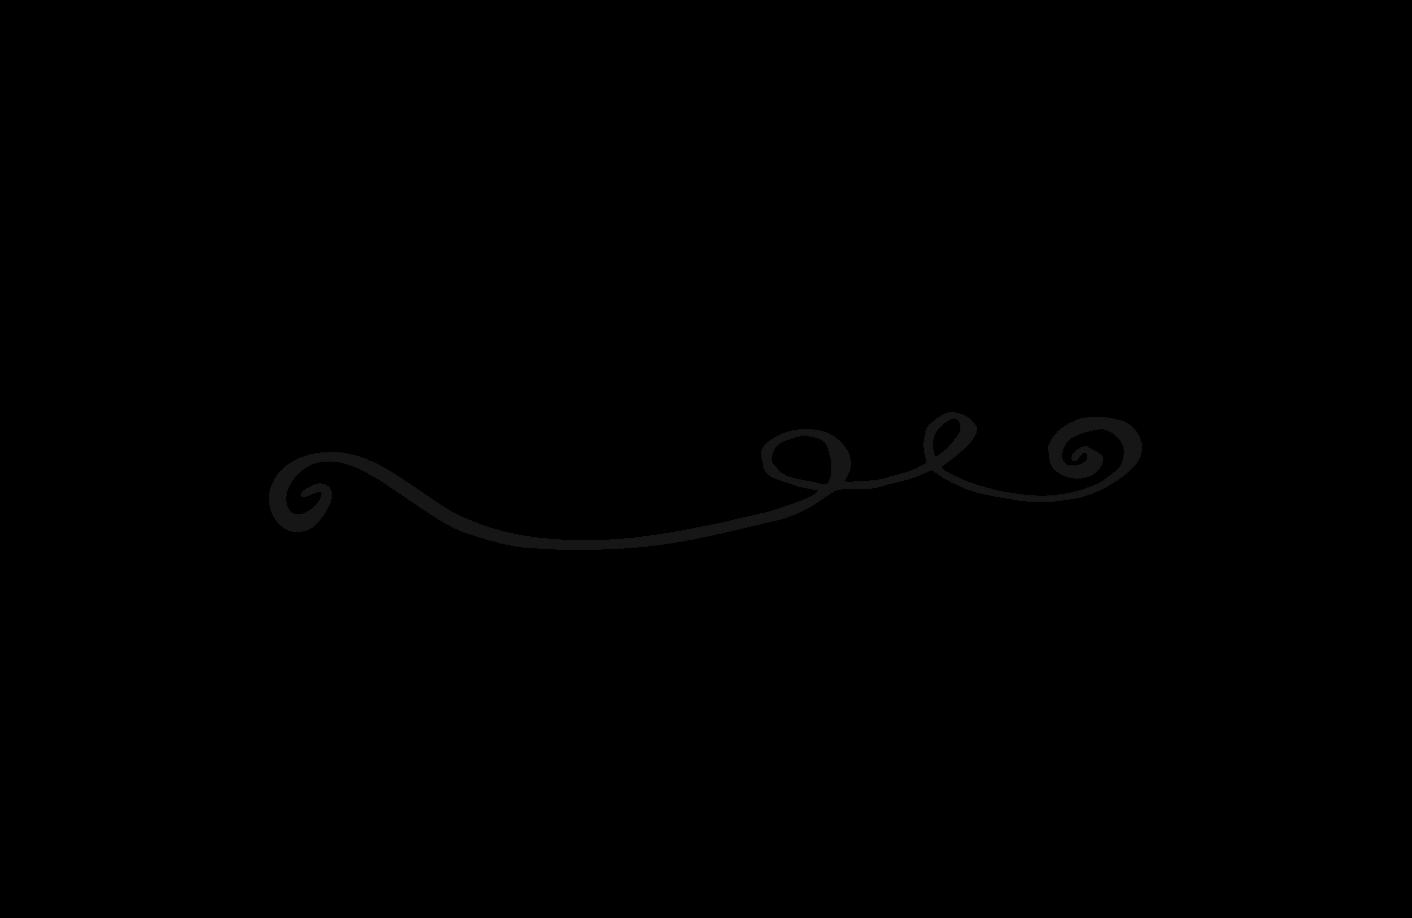 furth im wald single girls In furth im wald und in der umgebung von 150 kilometer wurden 18 swinger-profile gefunden  i am good girls and sex and i looking for nice lady and sexy as well  ich bin single, sehr gut bestückt und besuchbar.